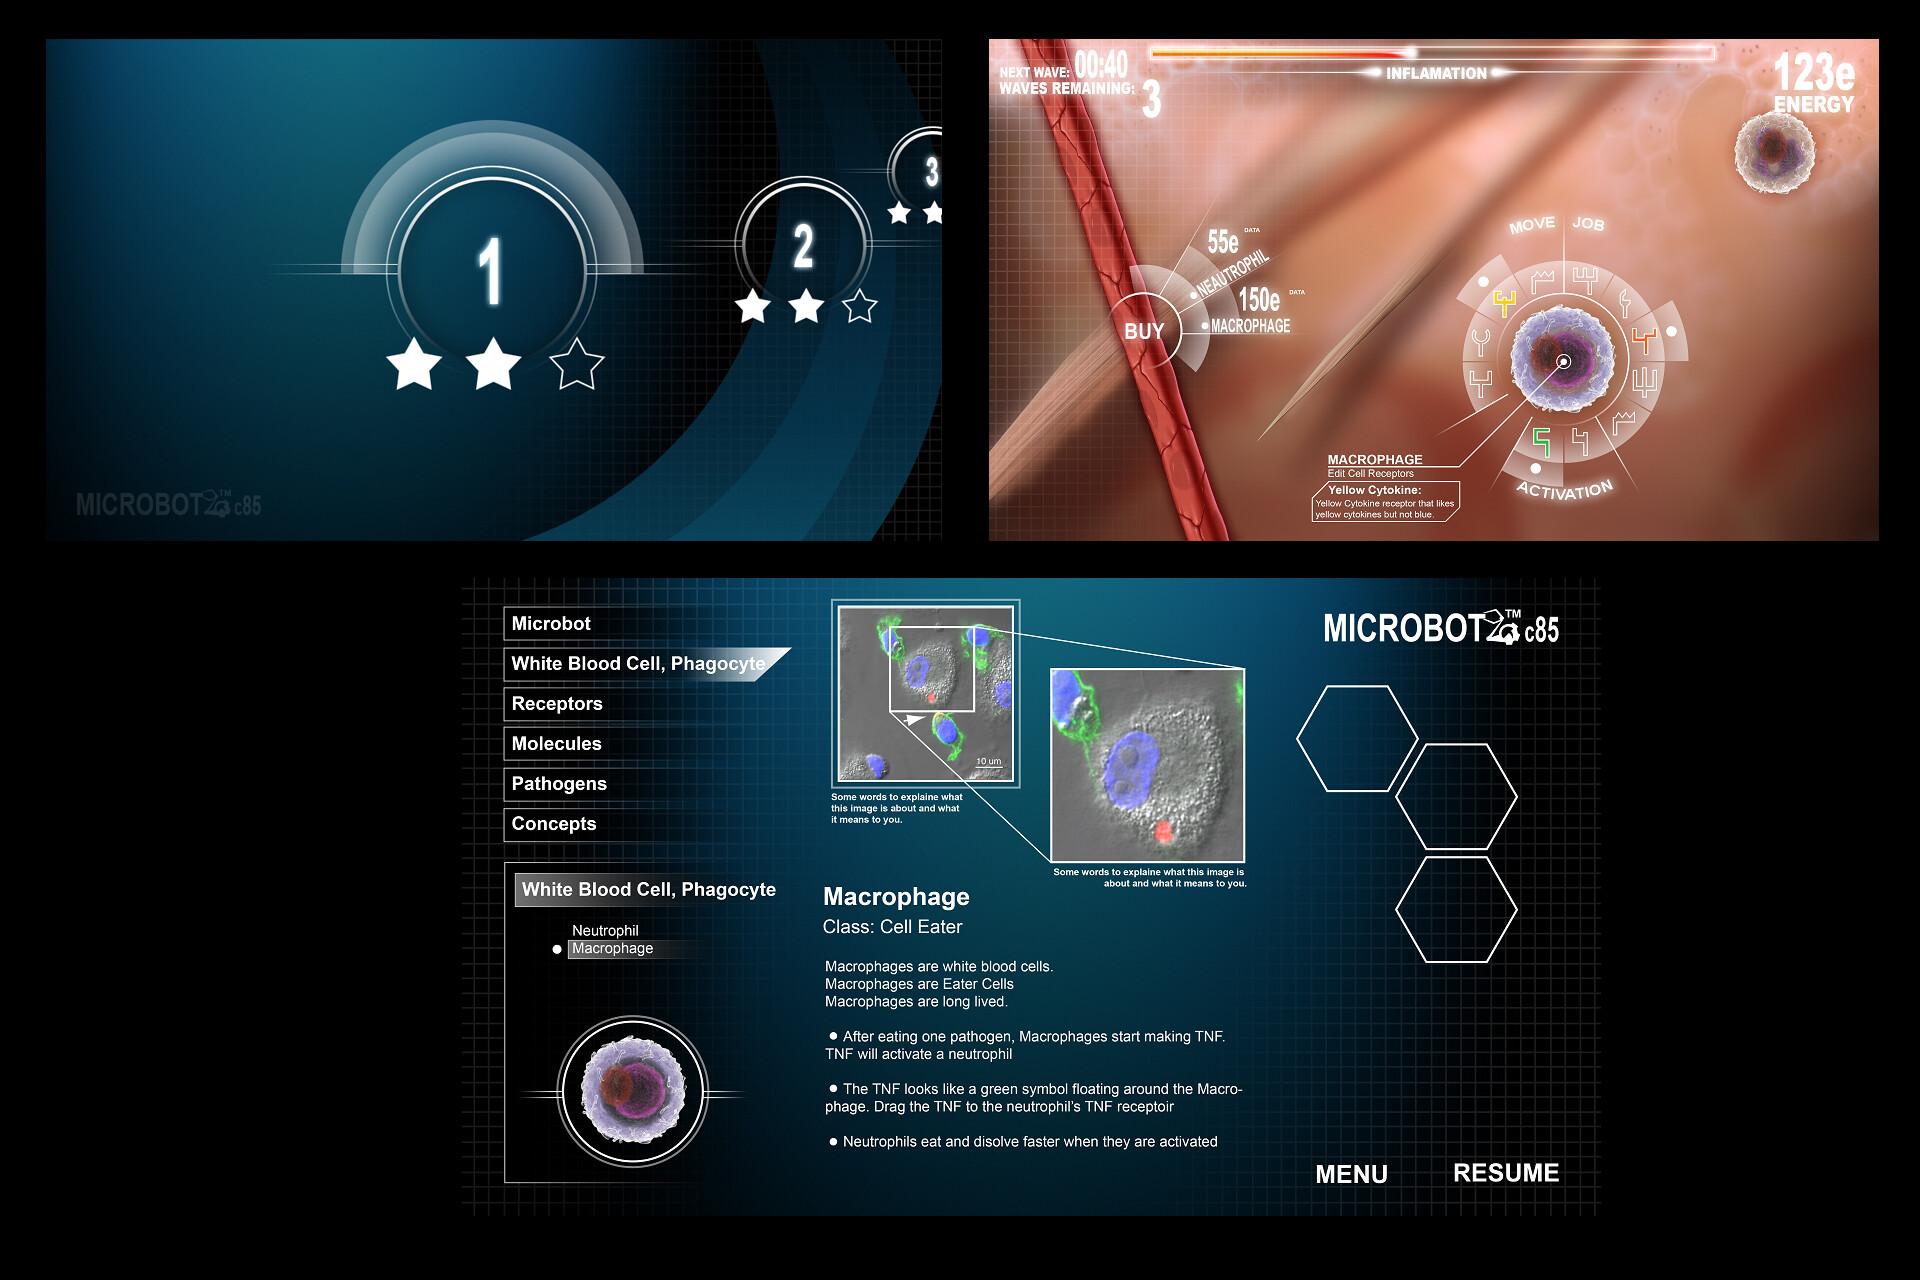 GUI concepts